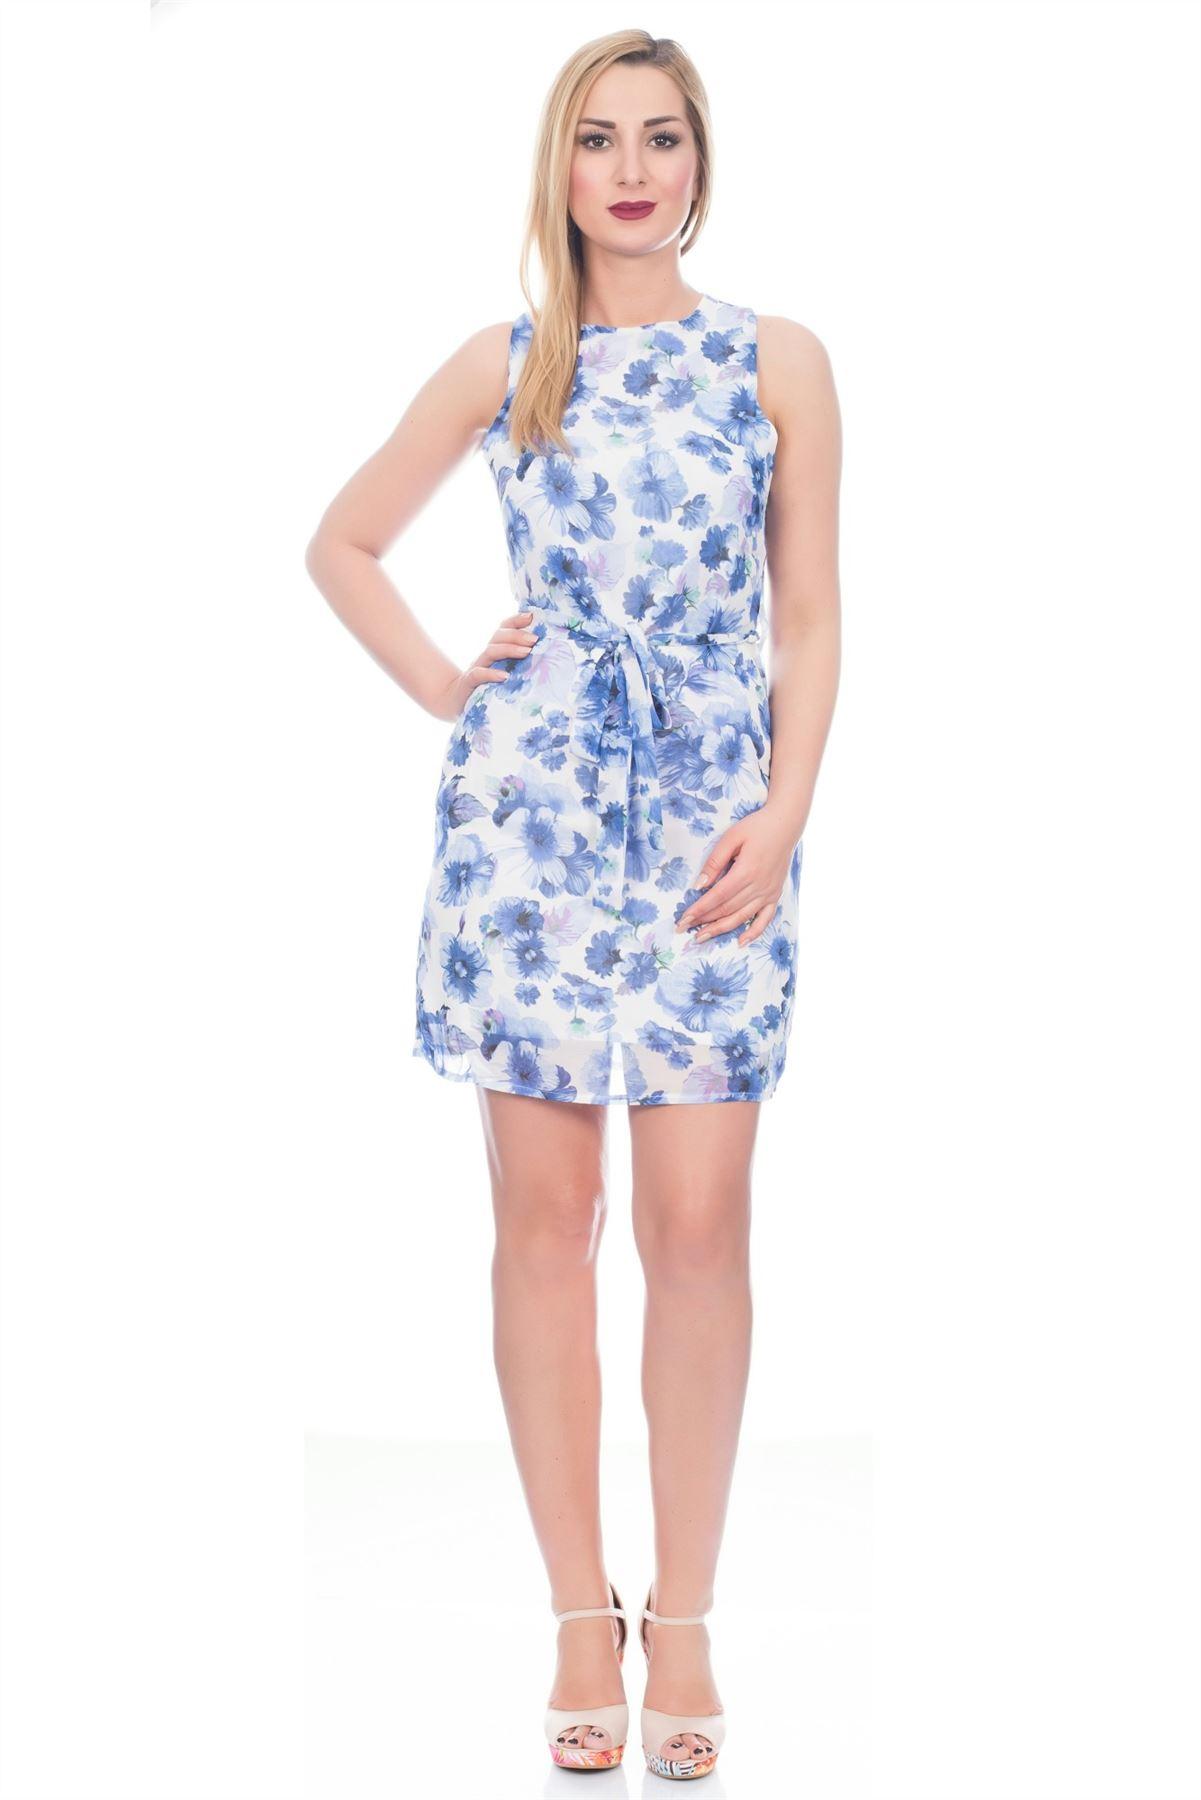 Where to buy short formal dresses